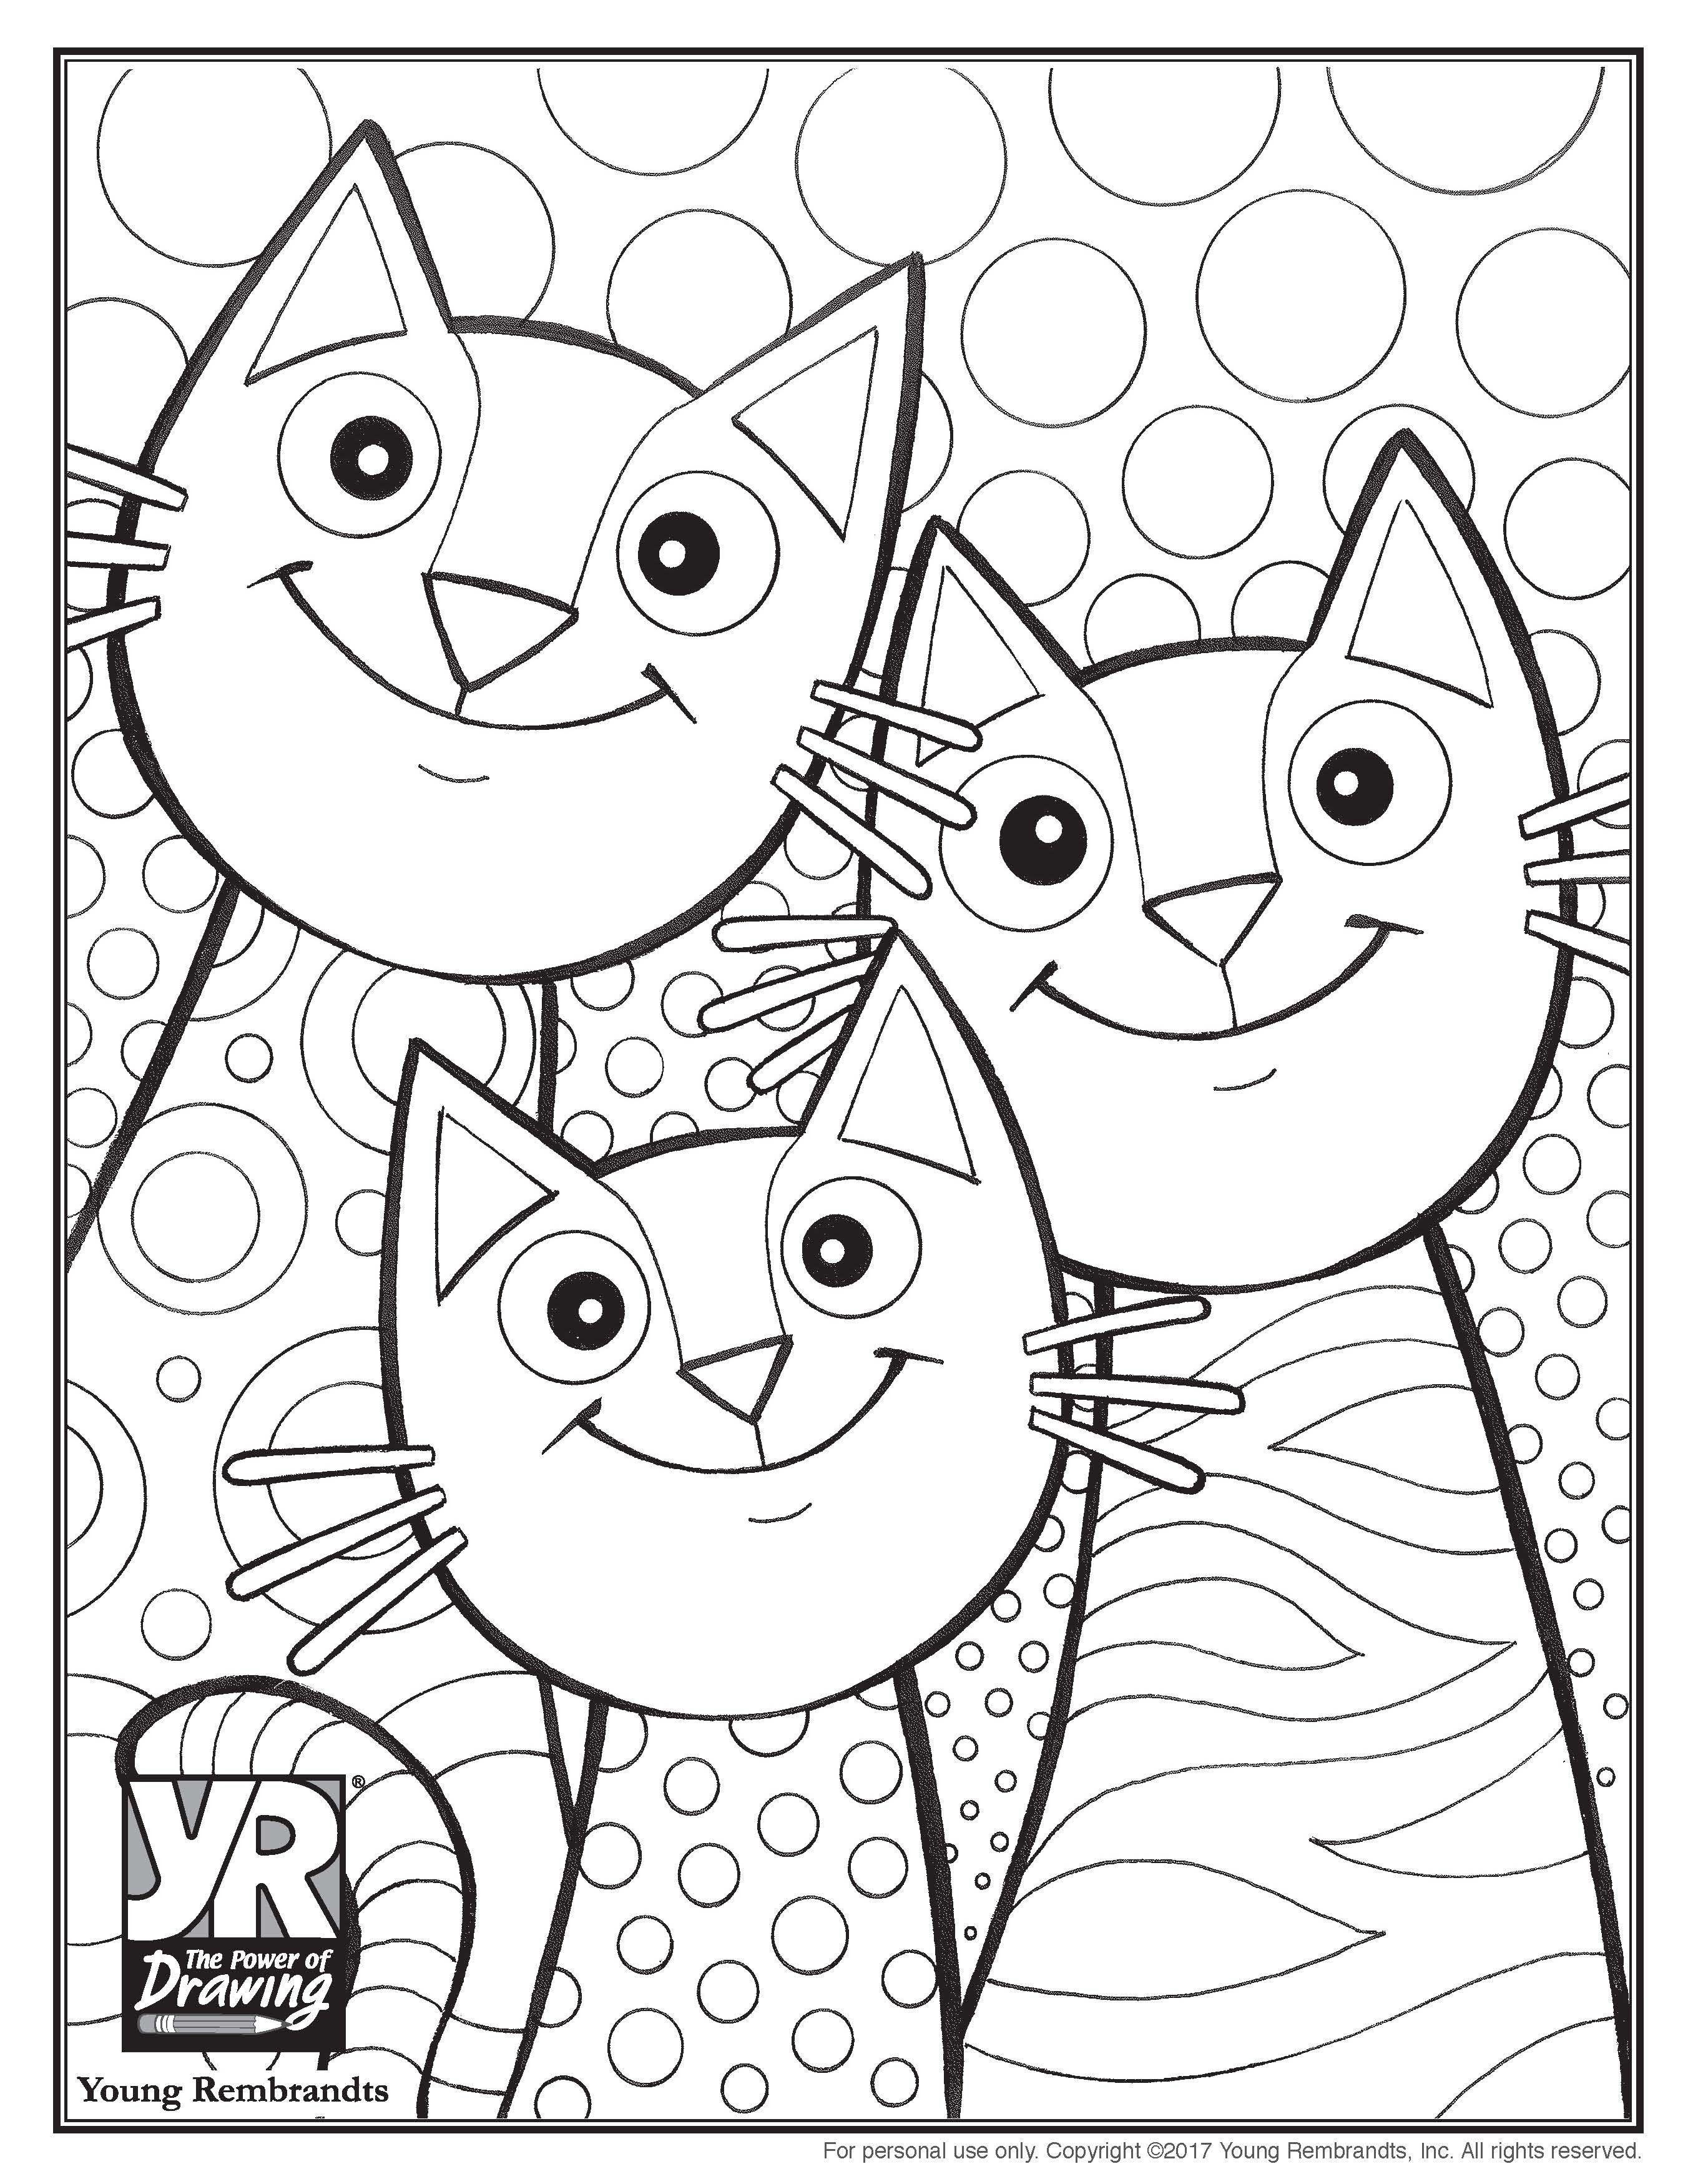 Barack Obama Coloring Sheets Beautiful Nyan Cat Coloring Pages Beautiful Cat Coloring Pages Free Kittens Coloring Puppy Coloring Pages Cat Coloring Page